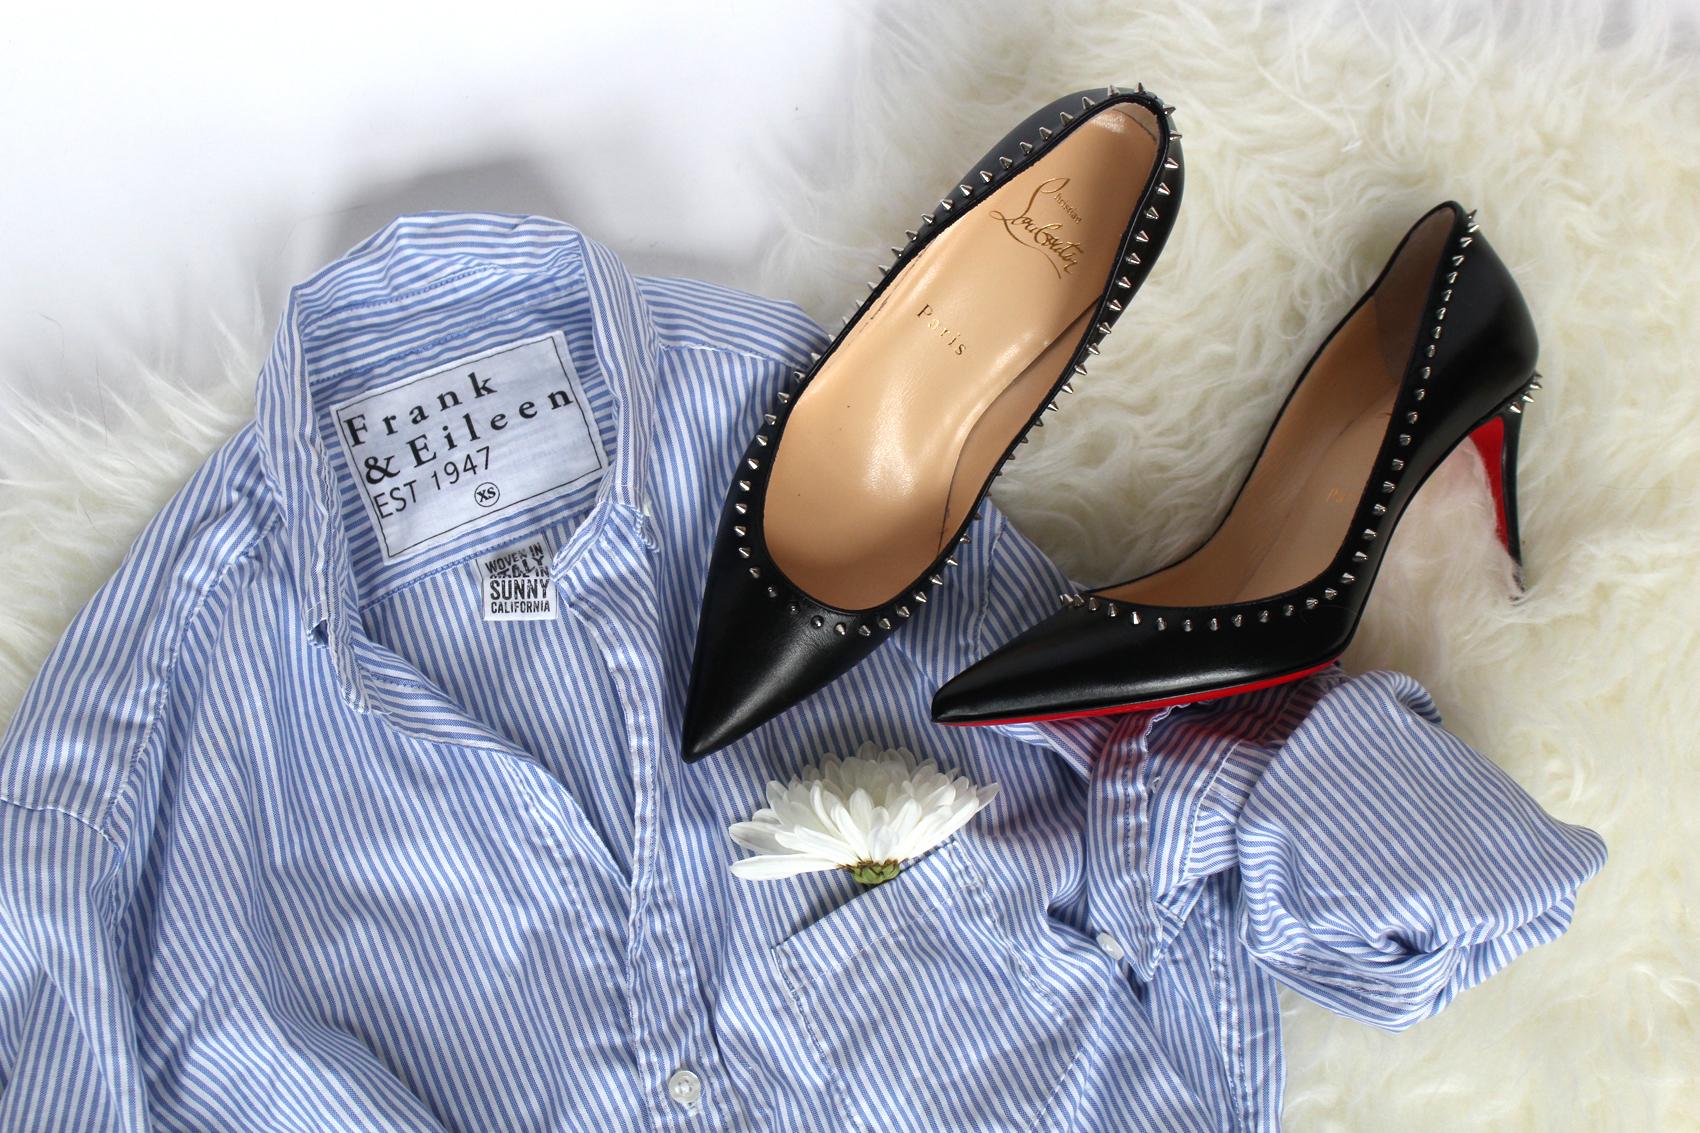 Frank & Eileen  Mary shirt dress.  Christian Louboutin  Anjalina heels.